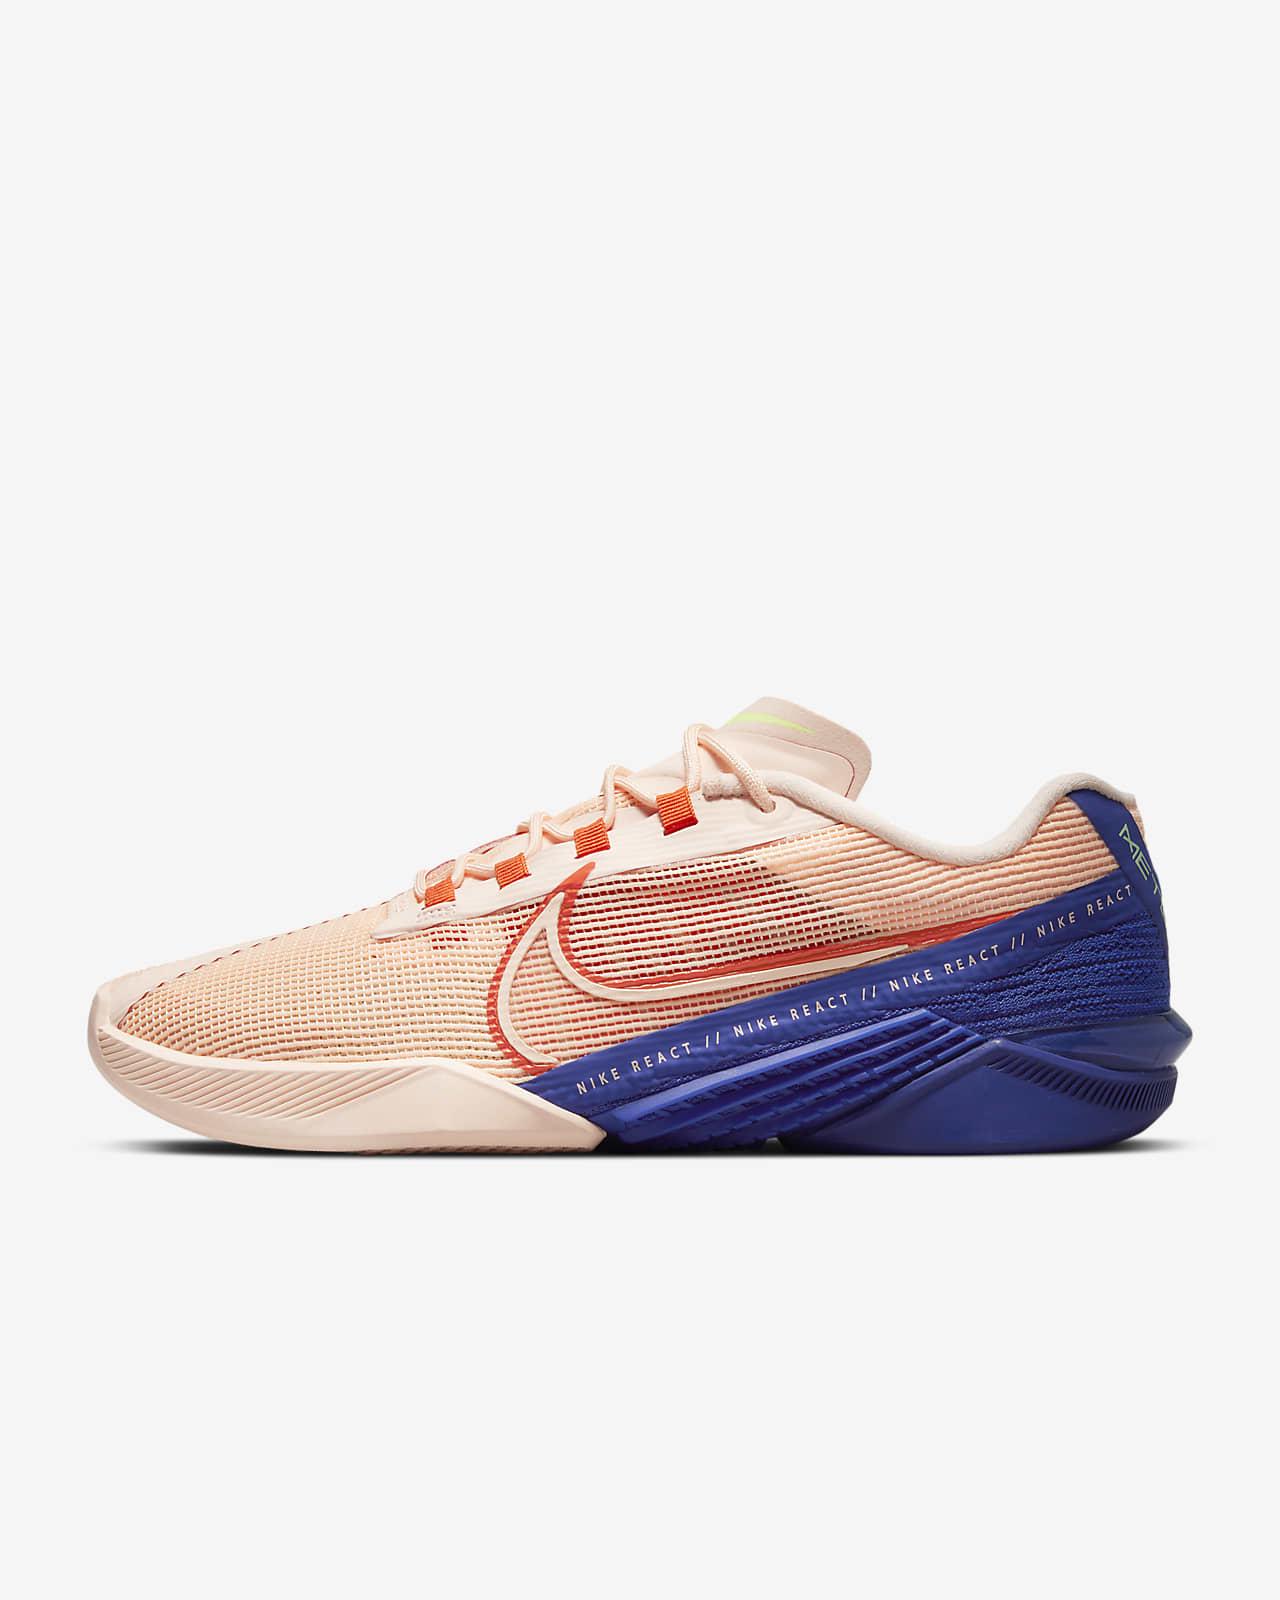 Nike React Metcon Turbo Women's Training Shoe